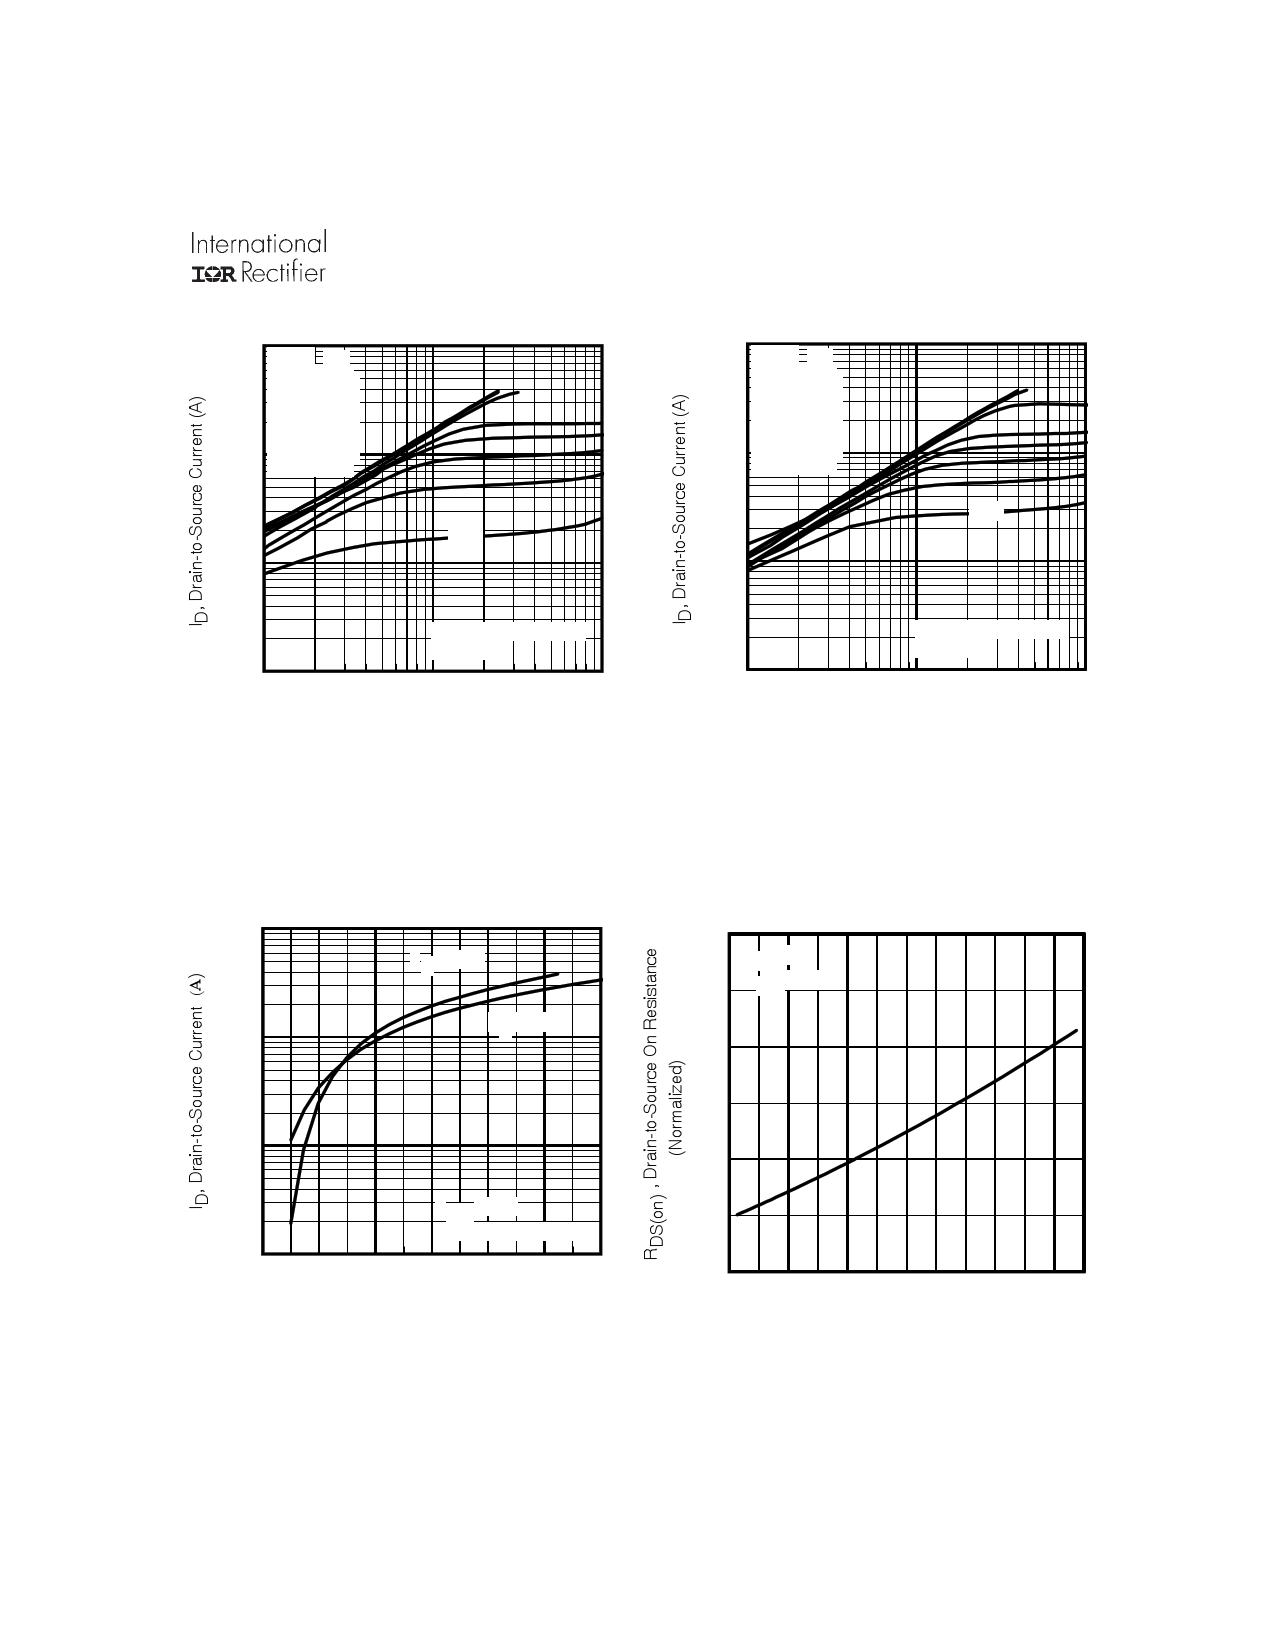 IRF3711ZPbF pdf, ピン配列